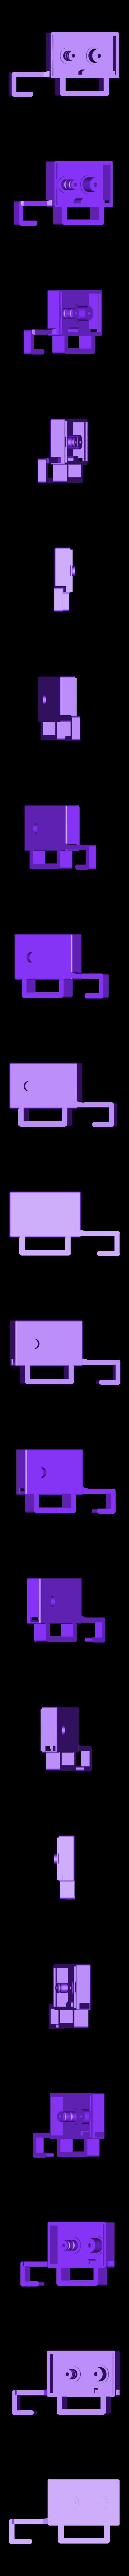 Tresor_V1.2-GehaeuseUnterteilMB.stl Télécharger fichier STL gratuit Comment transformer une armoire de cuisine à deux portes en coffre-fort ? • Plan à imprimer en 3D, dede67